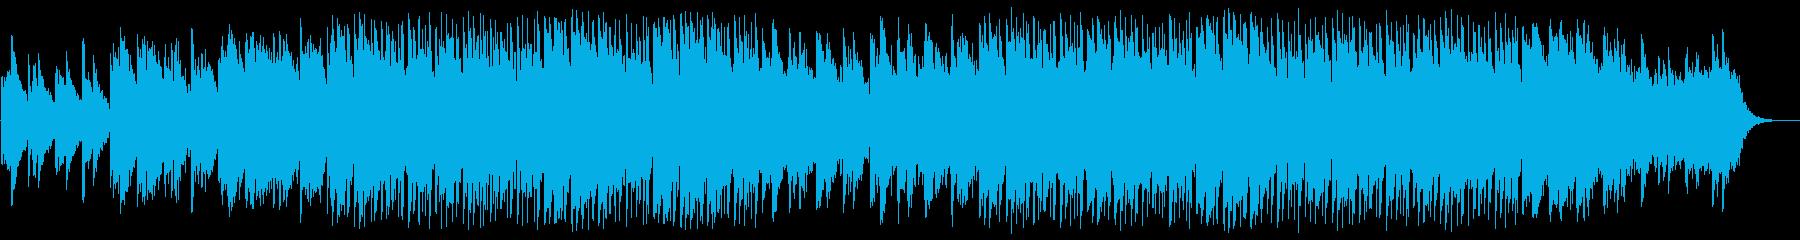 落ち着いた明るさのアンビエントポップの再生済みの波形